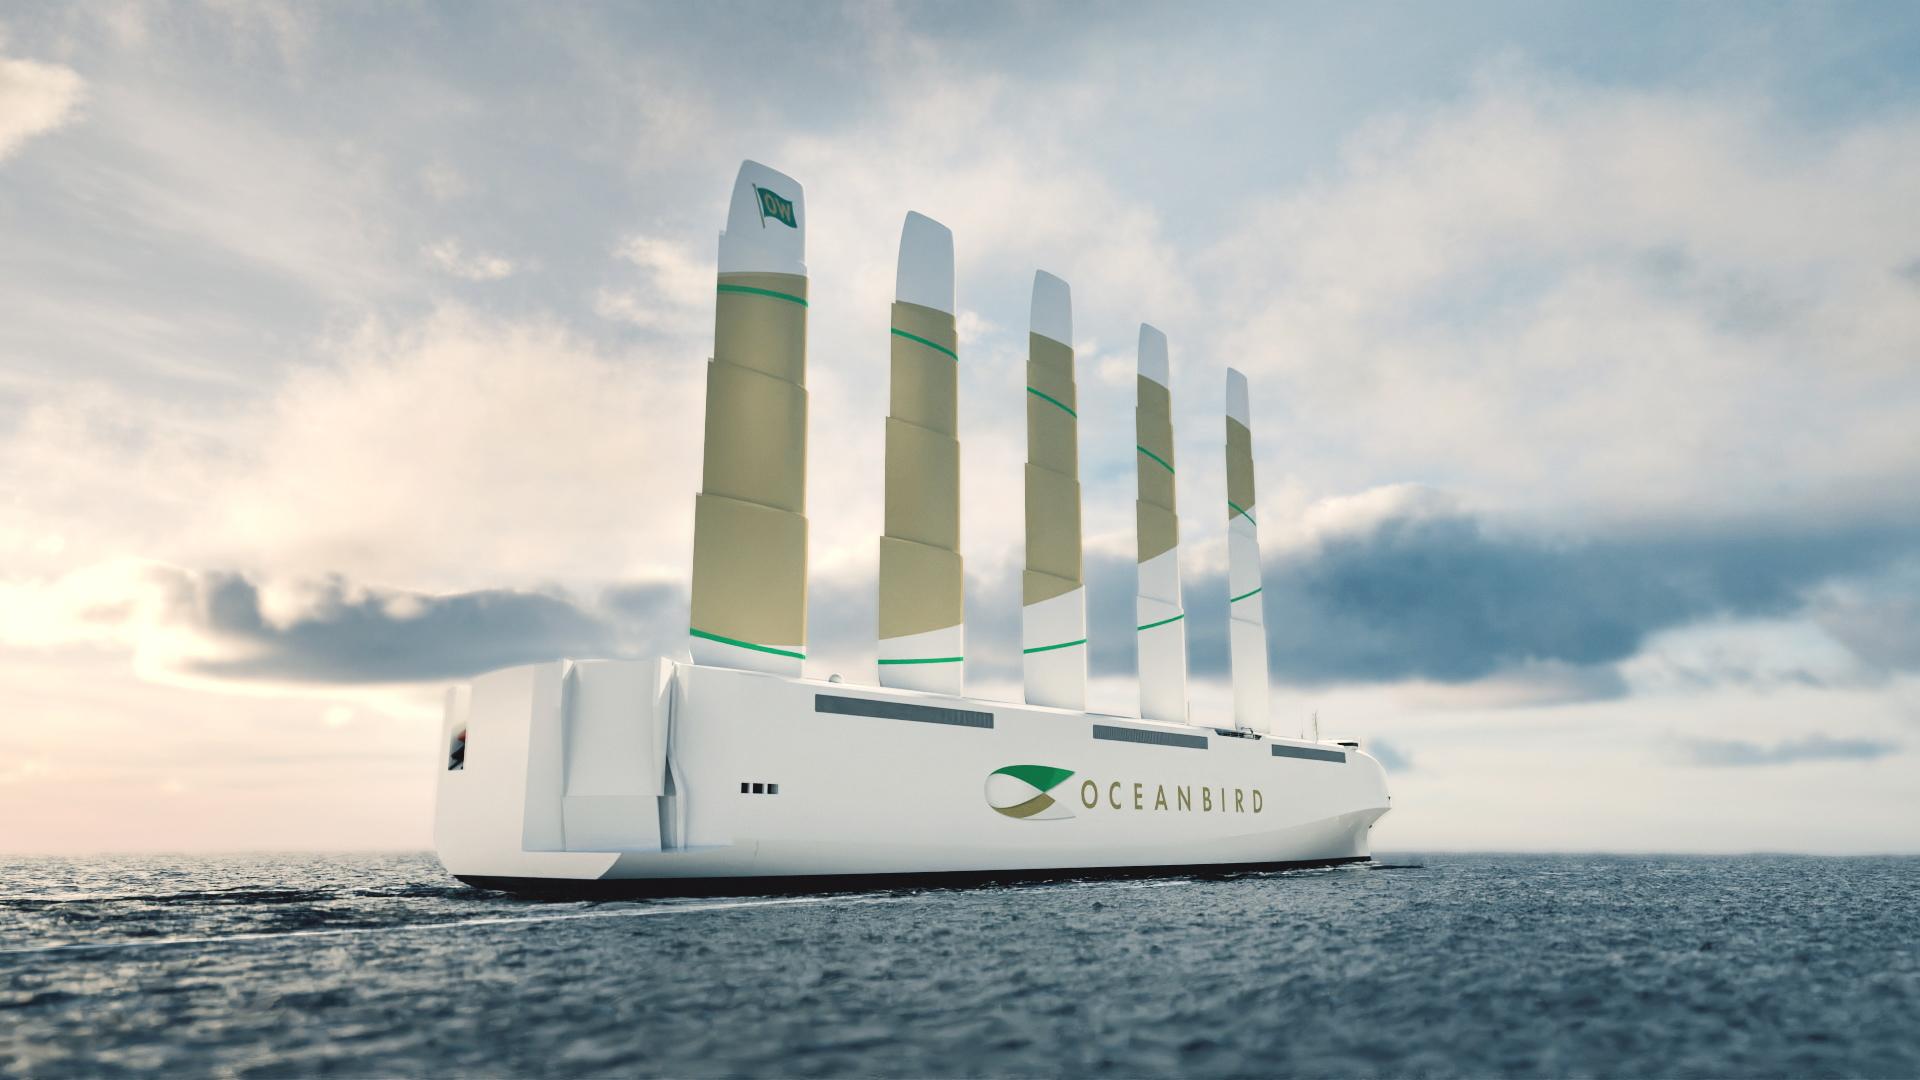 Oceanbird wind-powered car carrier